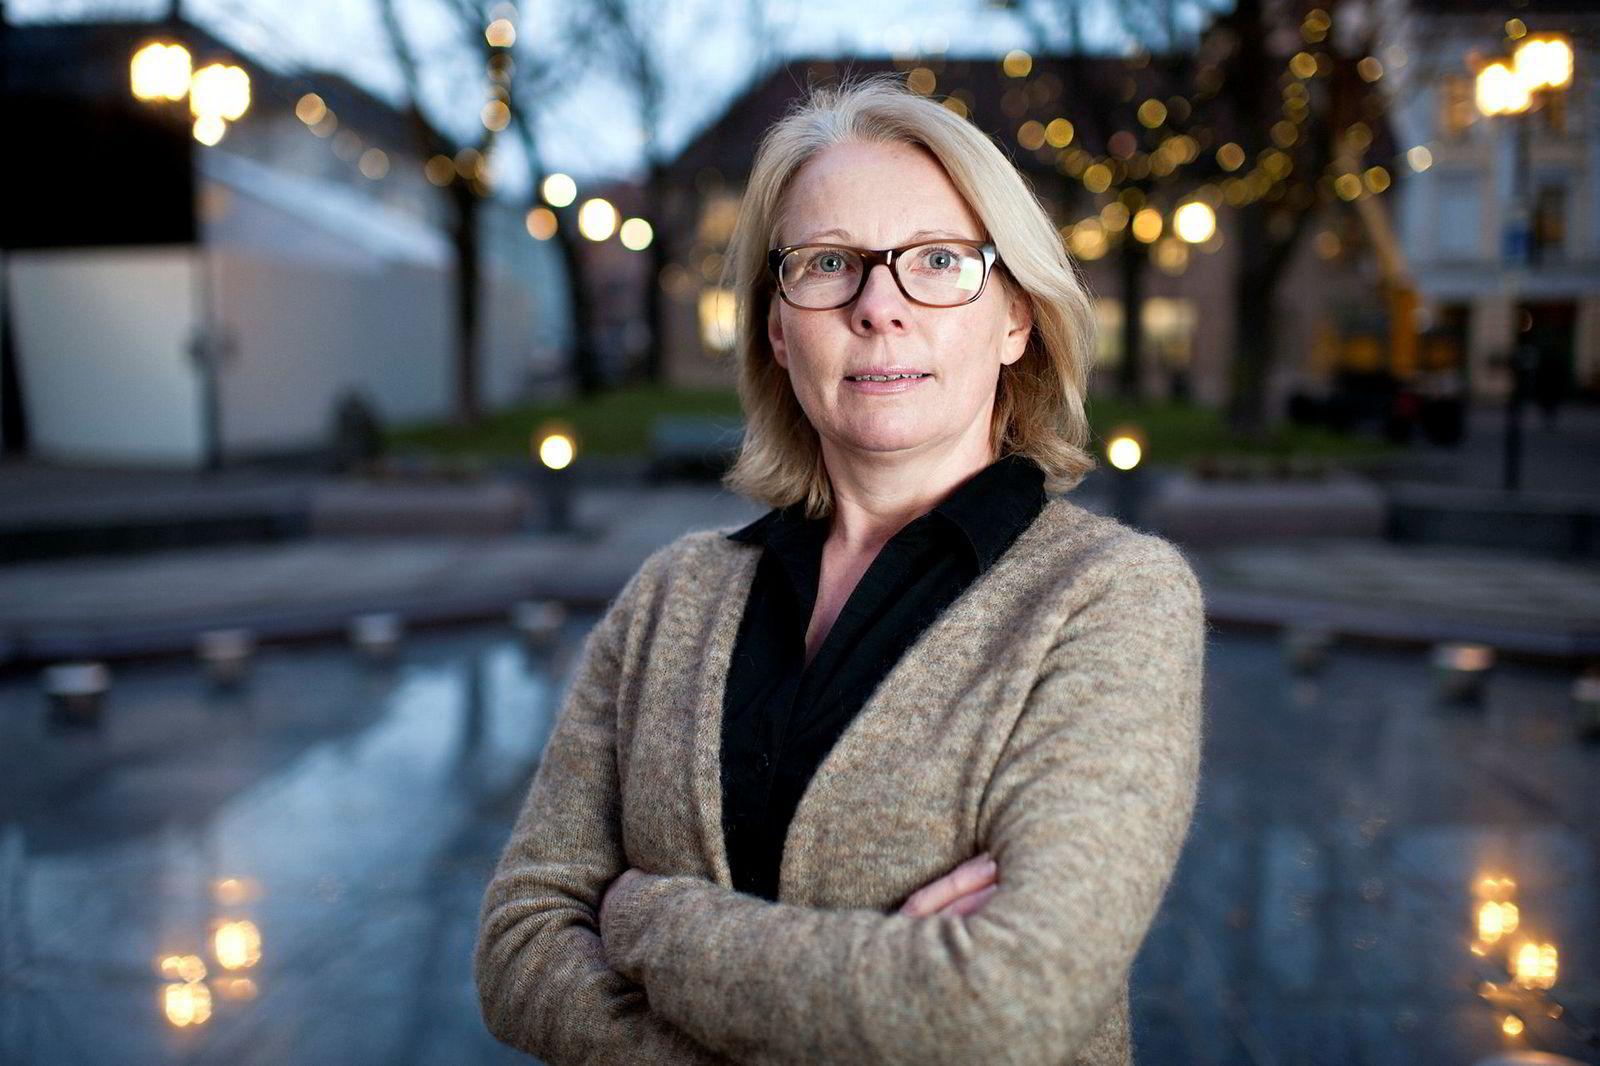 – I den grad dette forekommer i andre foretak, håper vi denne saken er et kraftig signal om å rydde opp, sier seksjonssjef Anne Kari Tuv i Finanstilsynet.